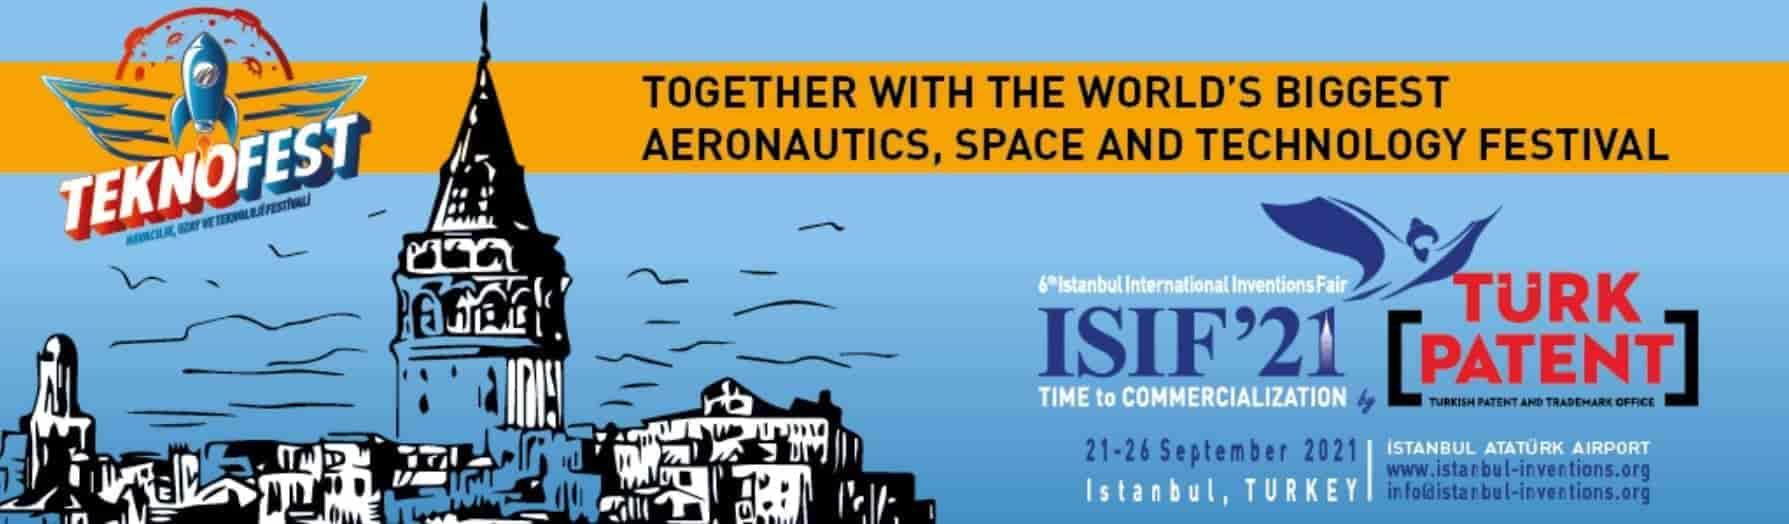 الإعلان الخاص بمعرض الاختراعات الدولي في إسطنبول 2021